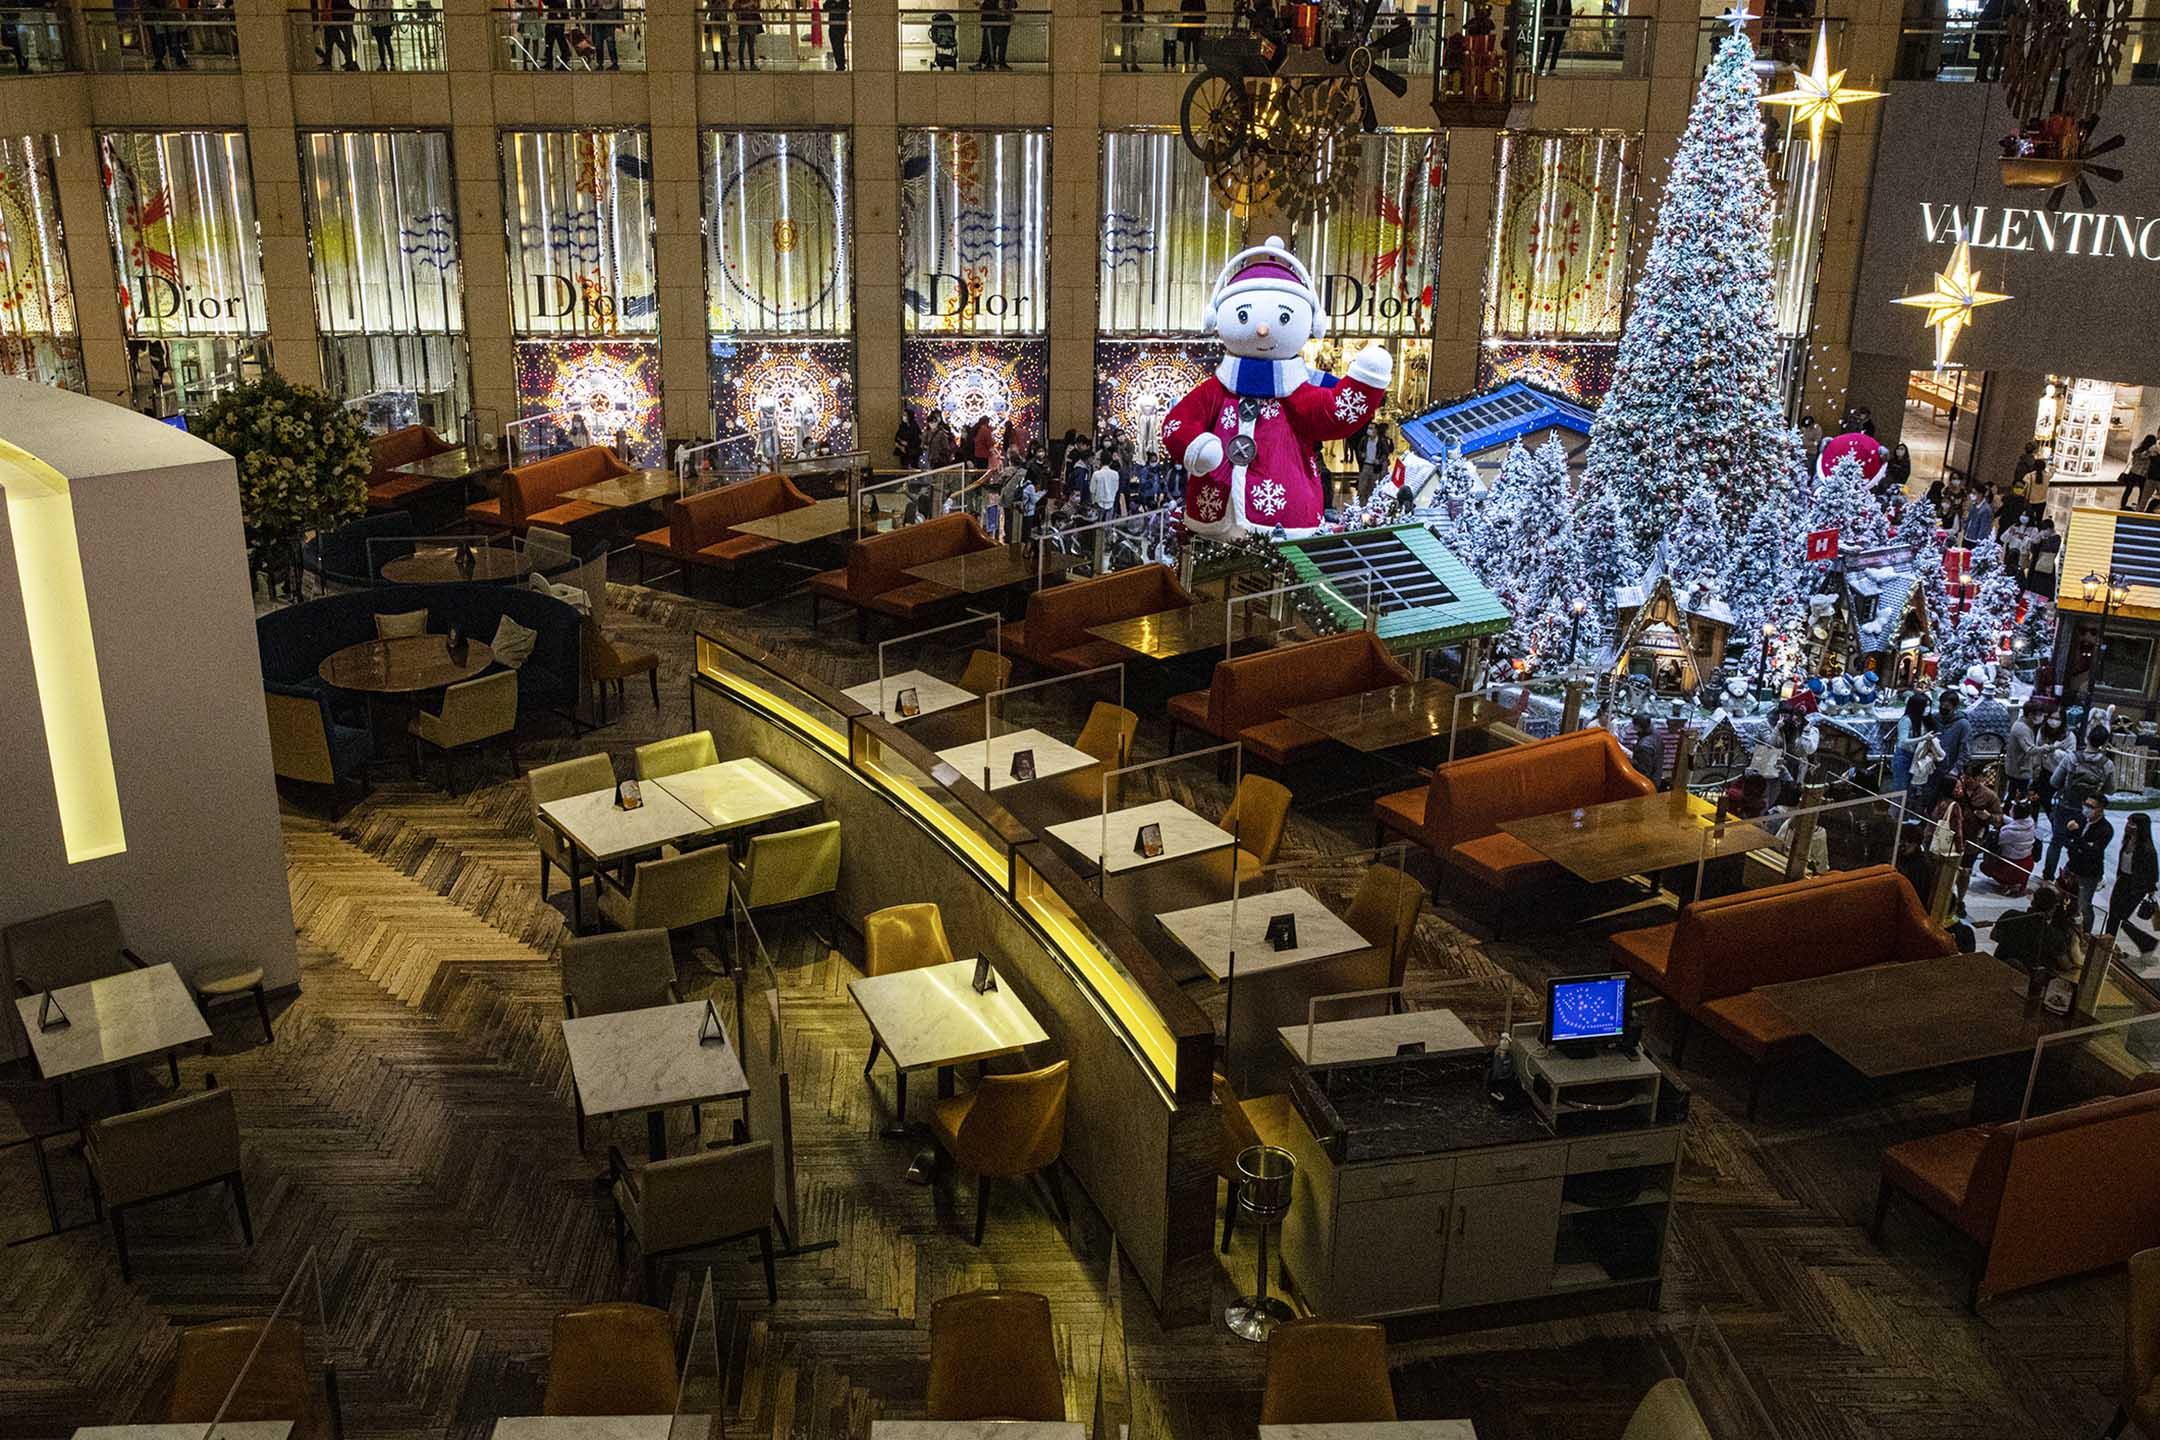 2020年12月26日中環,聖誕節期間的晚上,一間因疫情而關門的食肆。 攝:陳焯煇/端傳媒